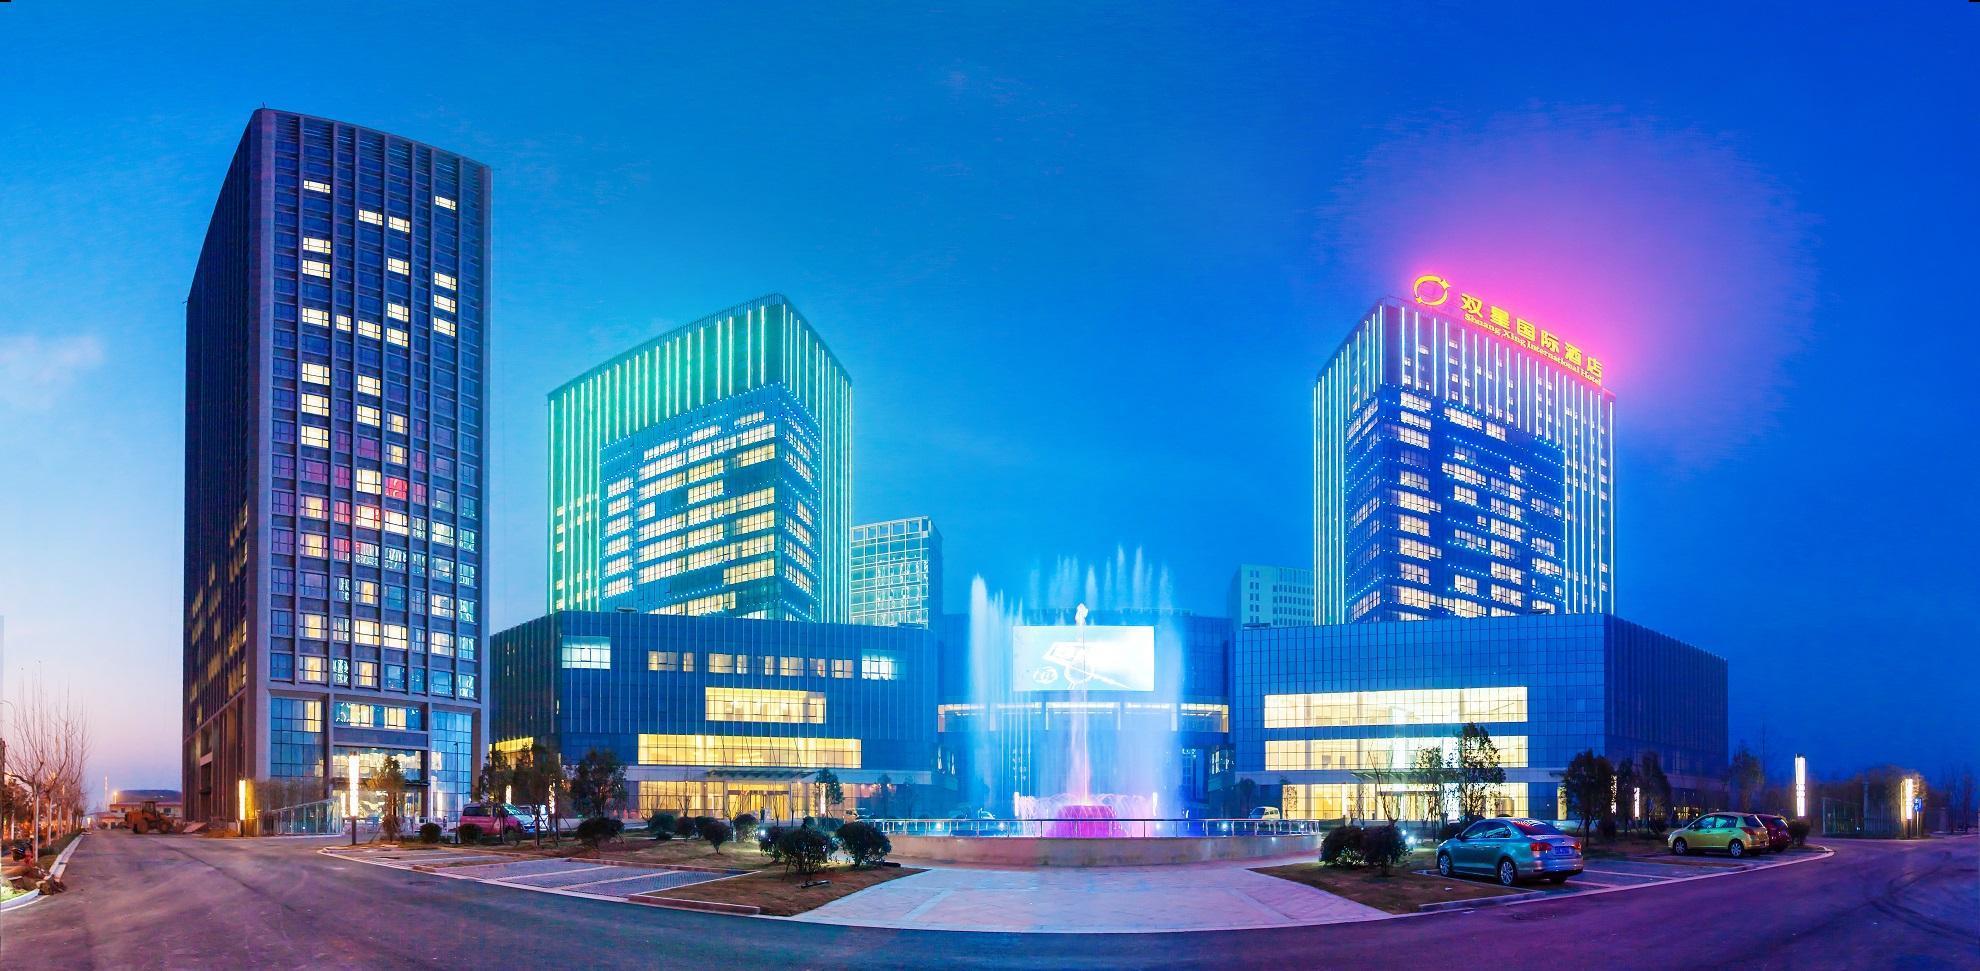 Shuang Xing International Hotel